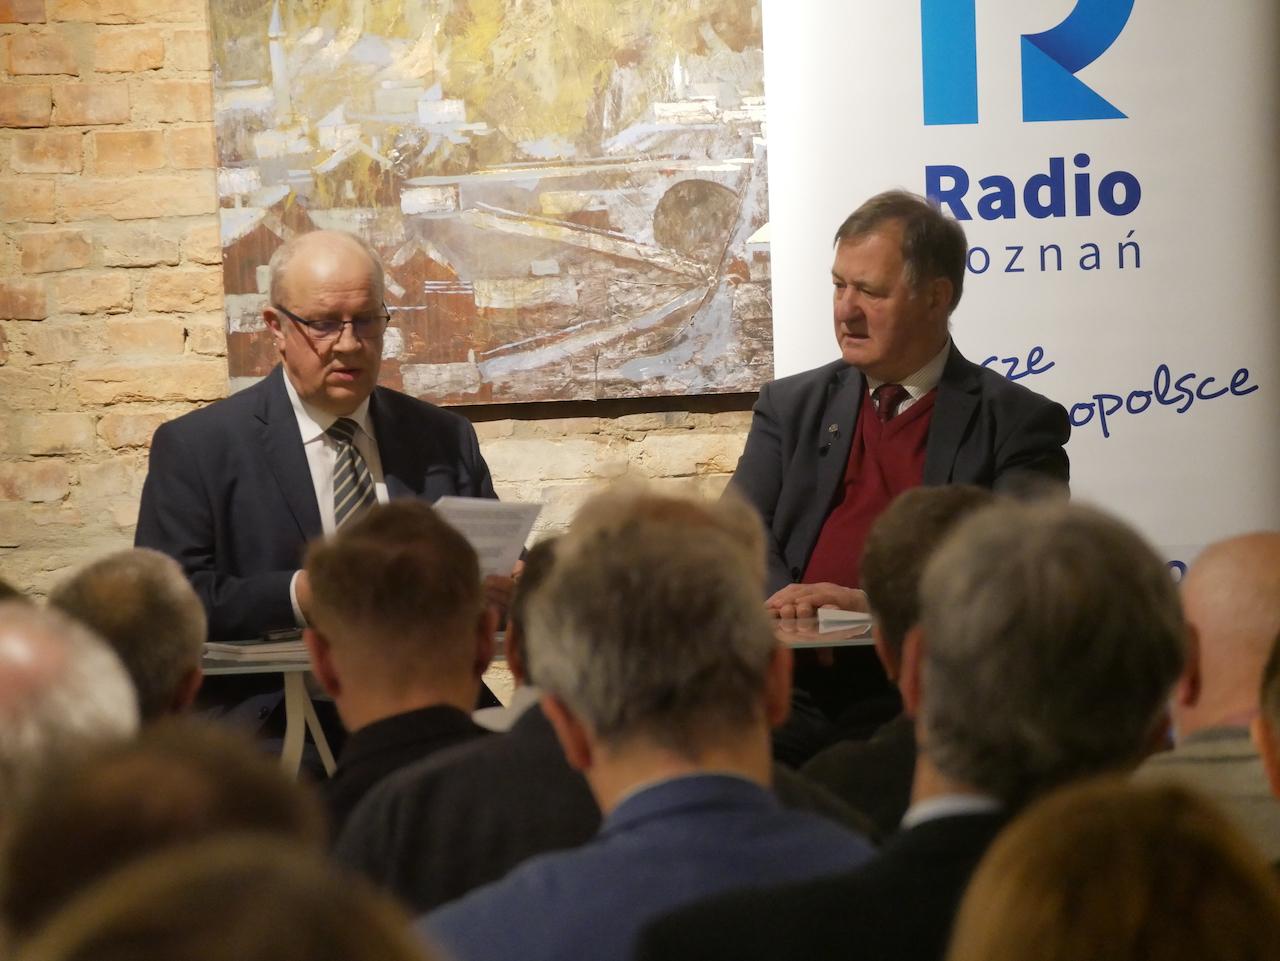 wielkopolski klub obywatelski - Kacper Witt - Radio Poznań